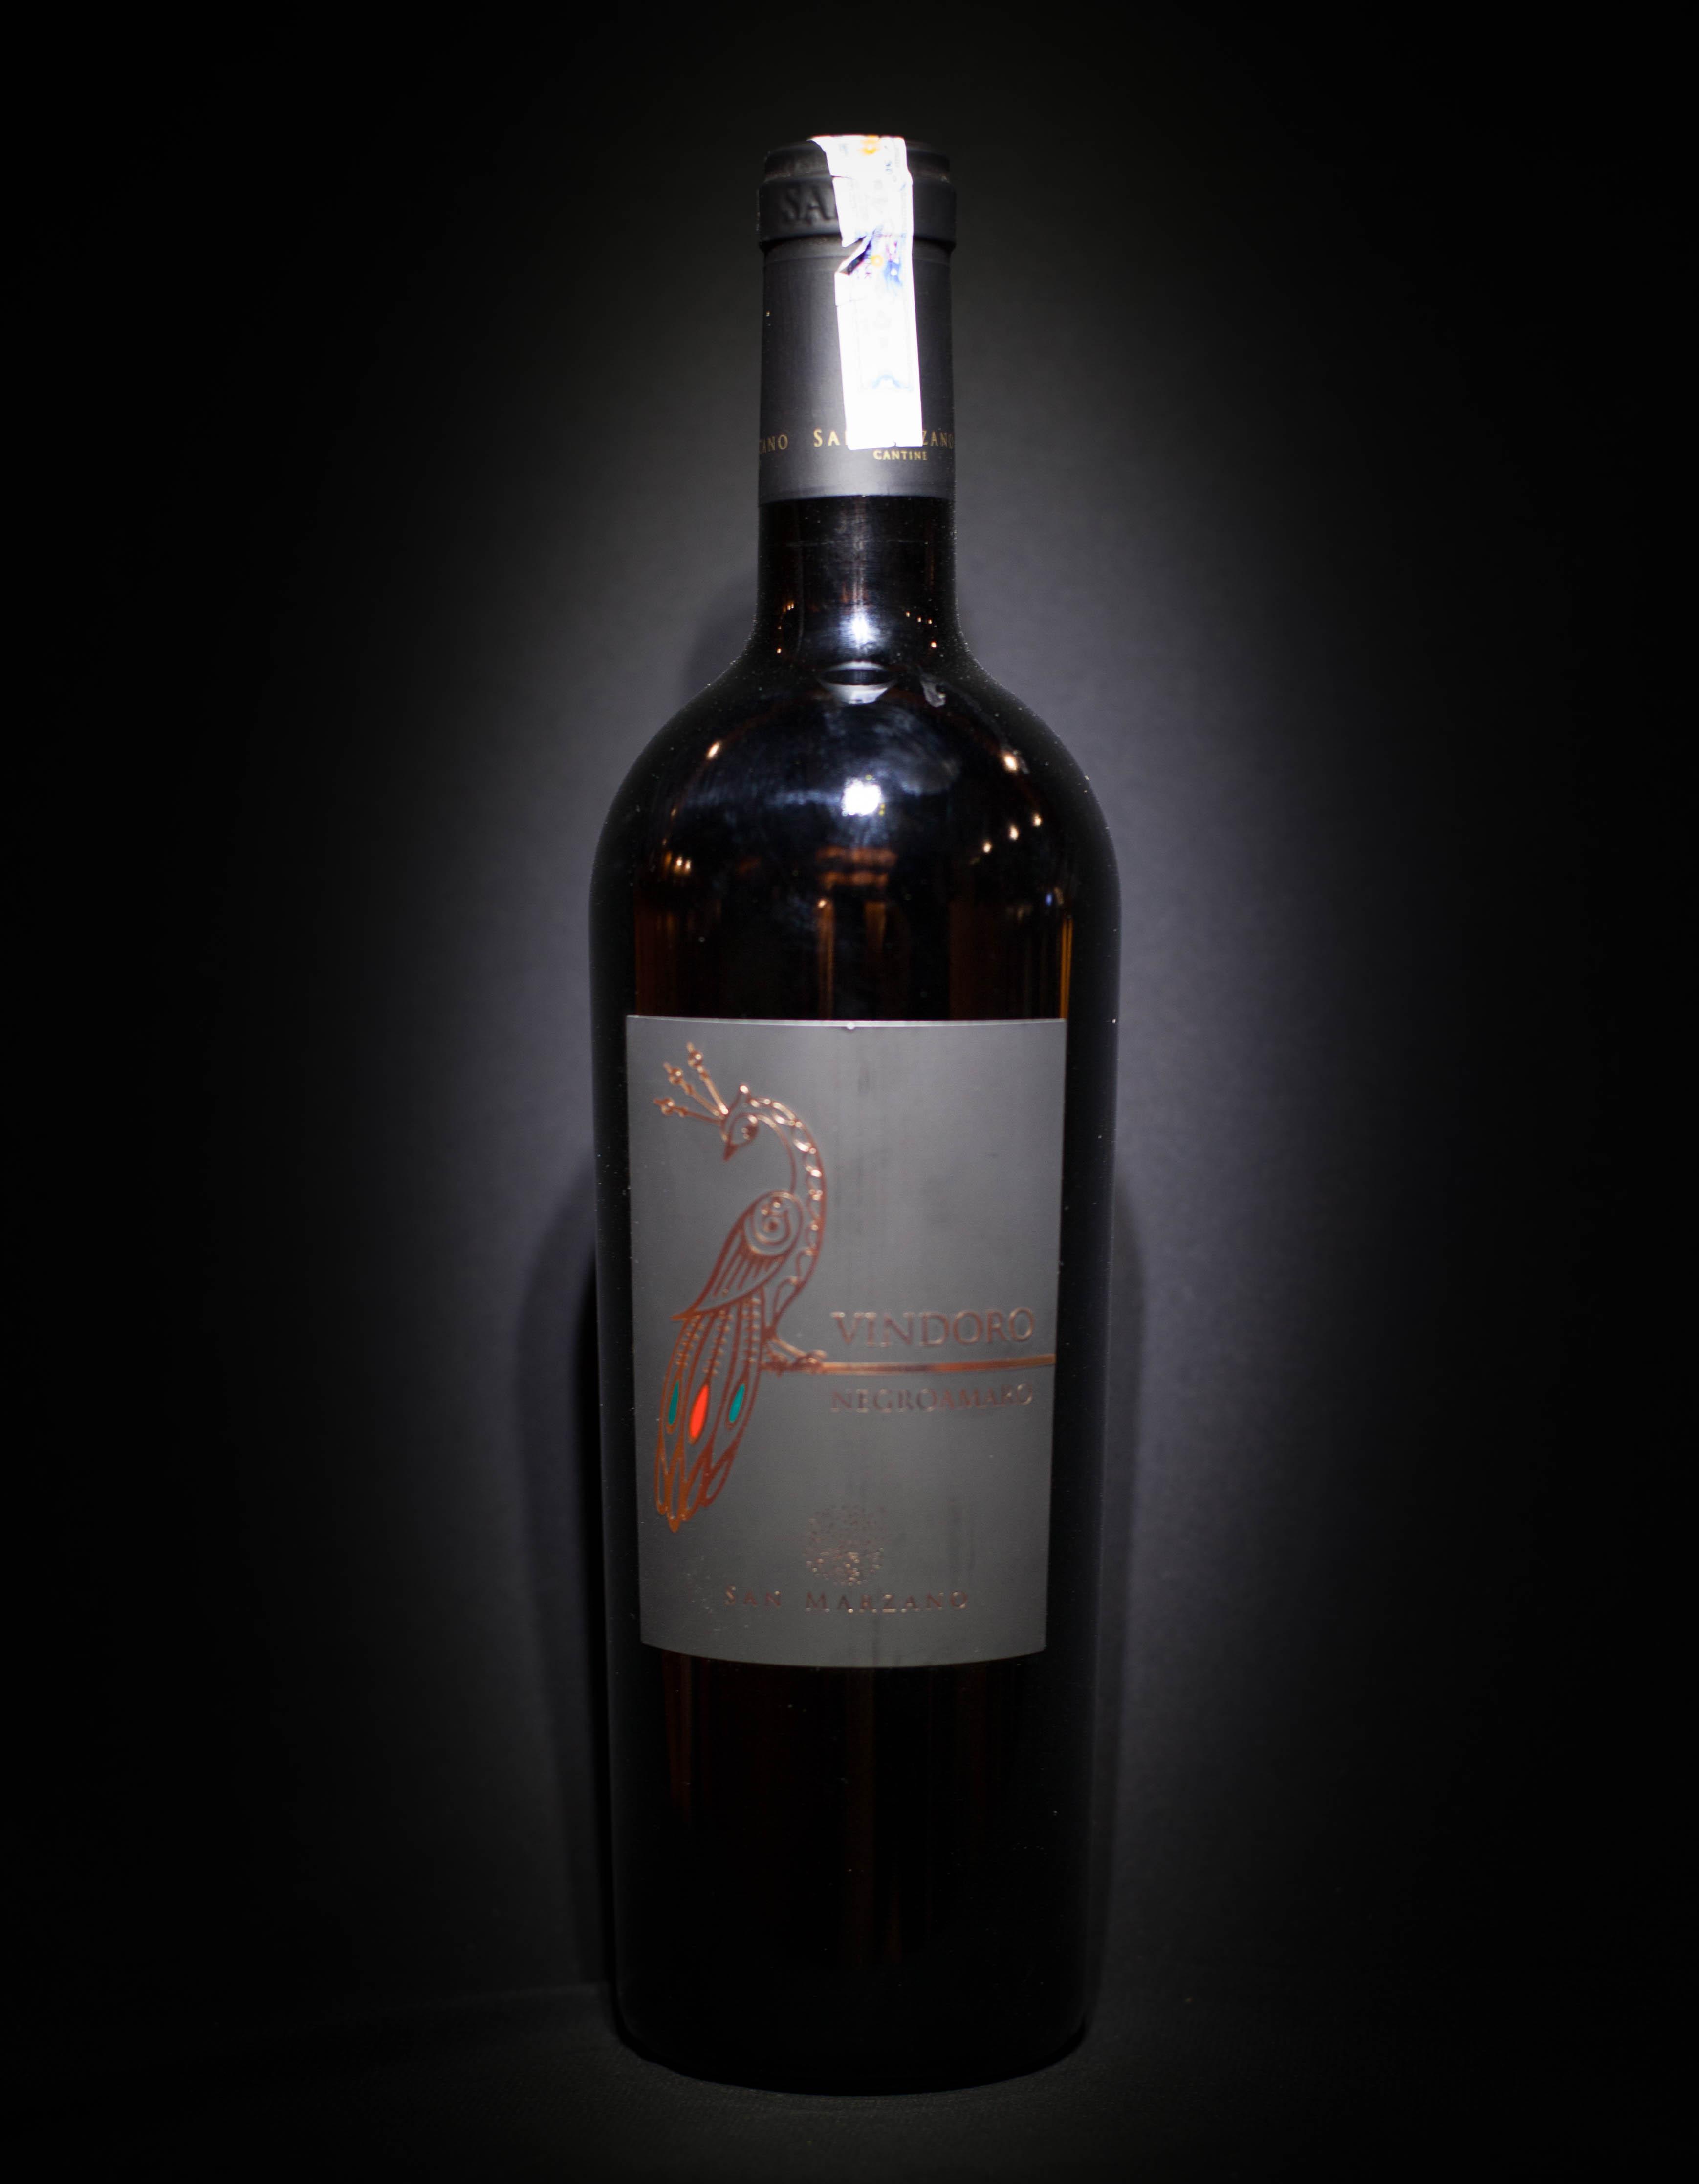 Vindoro Negroamaro